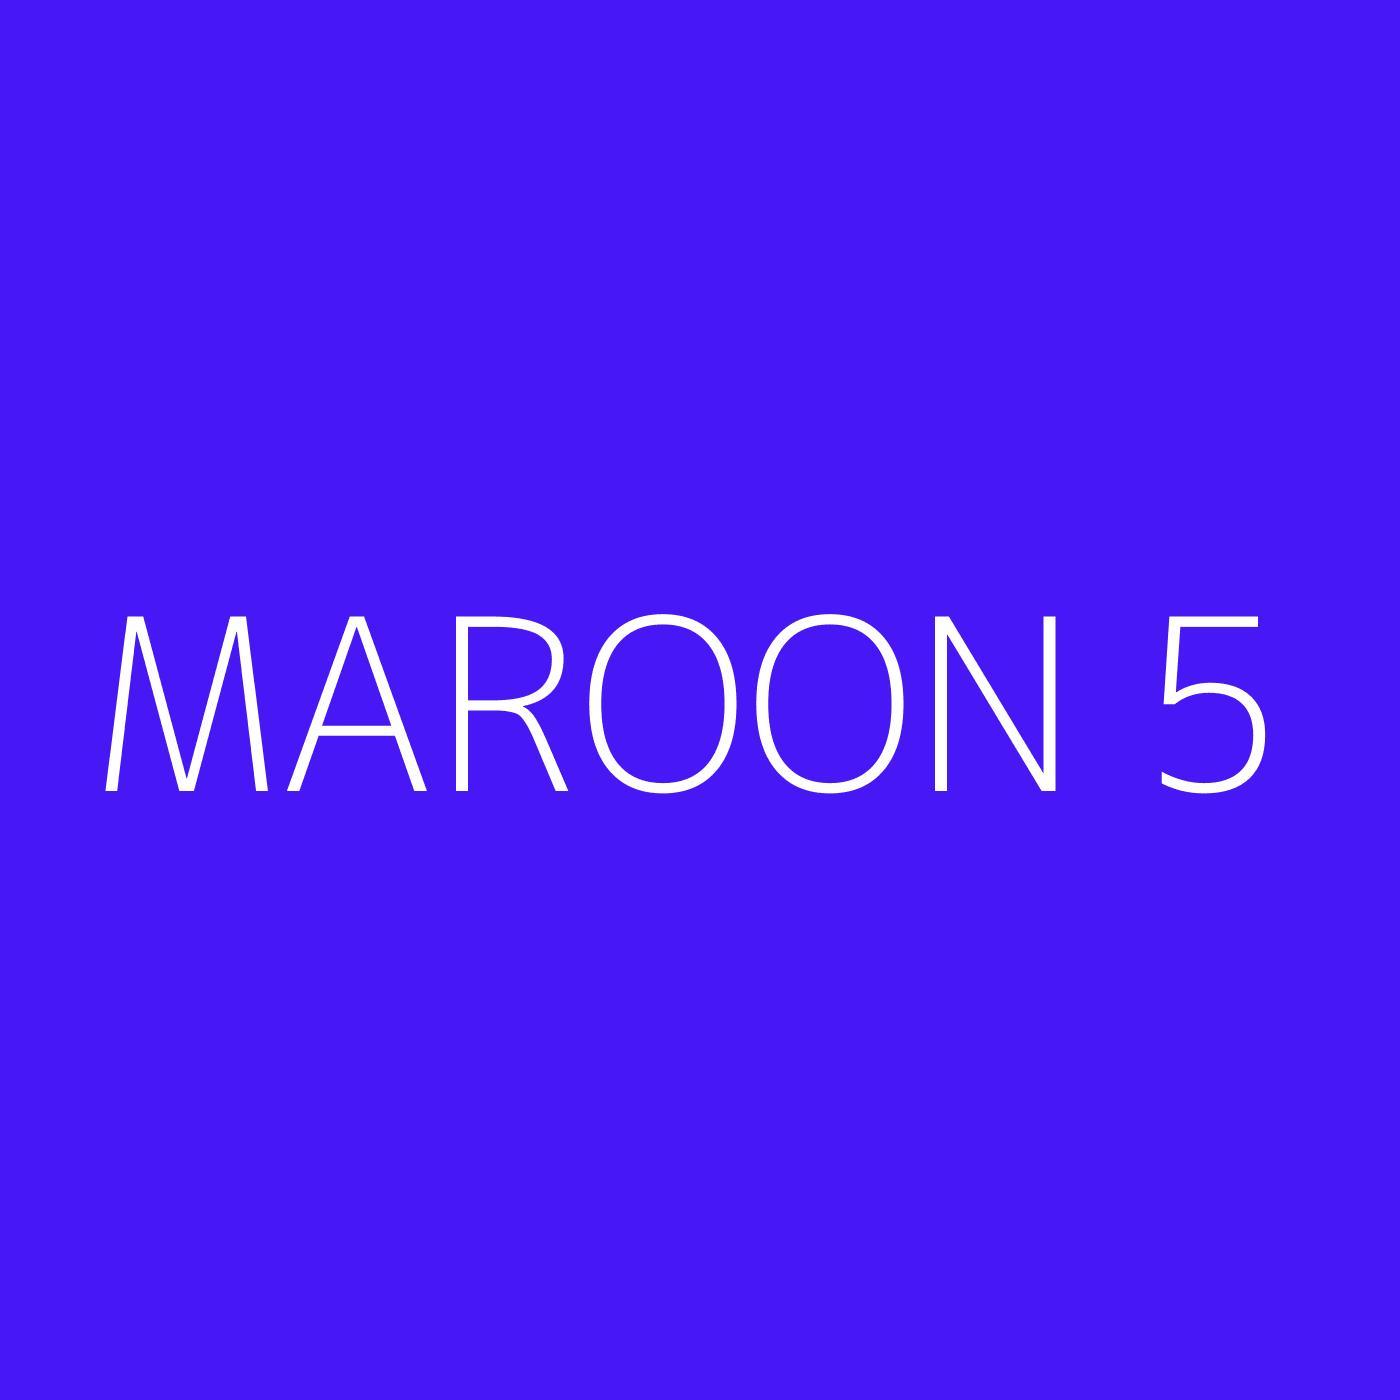 Maroon 5 Playlist Artwork